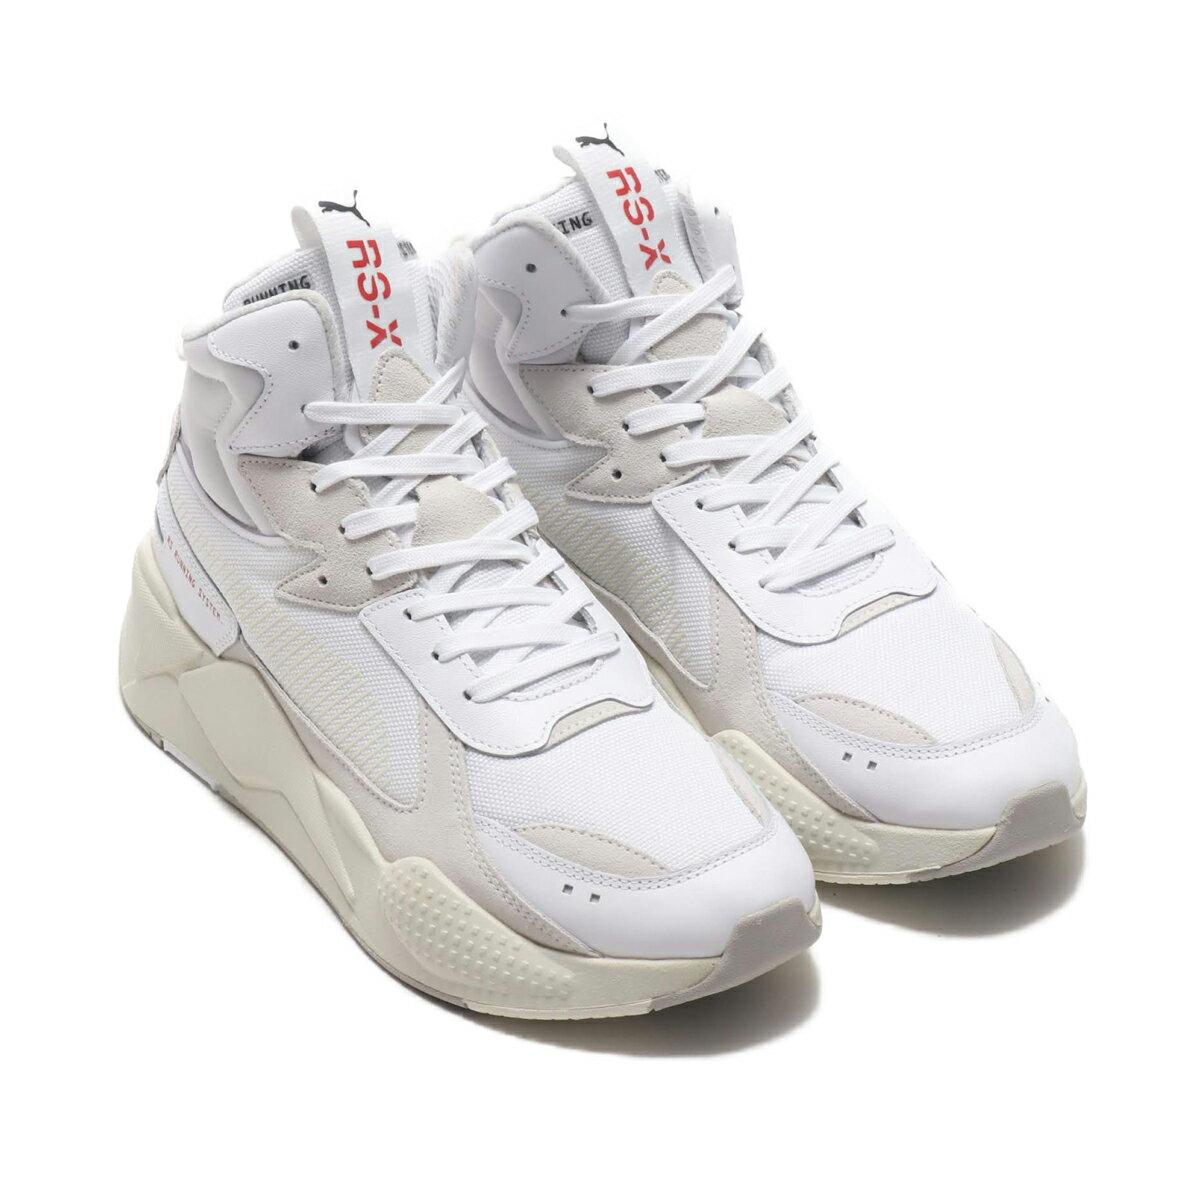 メンズ靴, スニーカー PUMA RS-X MIDTOP BINARY CODE( RS-X )PUMA WHITE 19HO-I at20-c